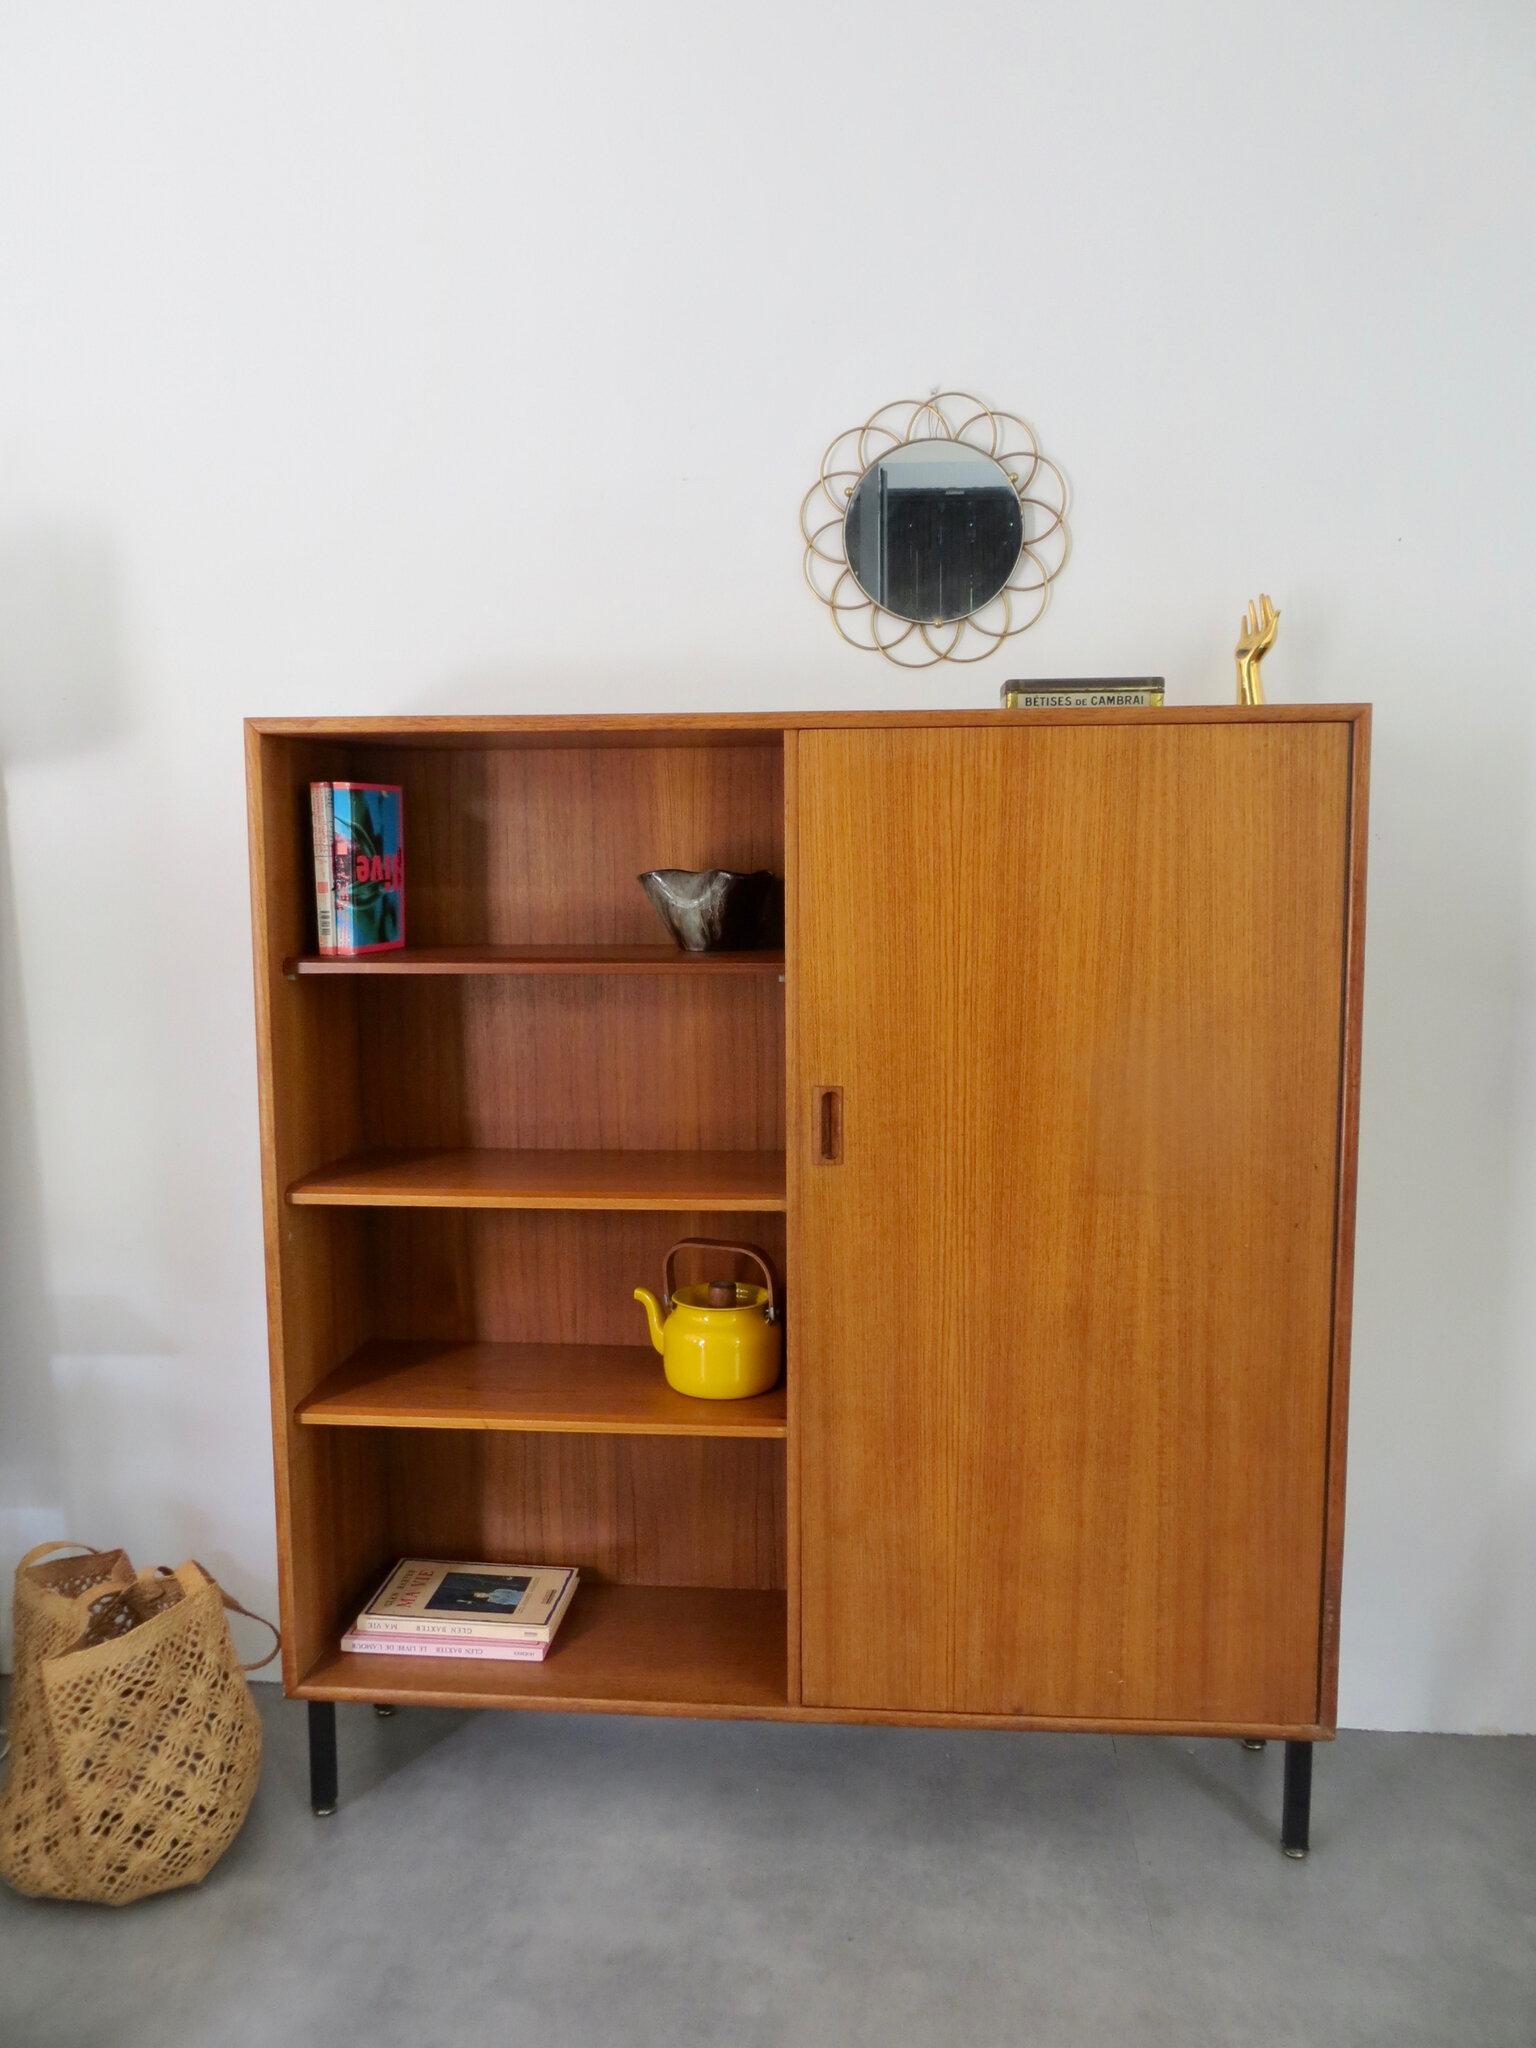 Armoire Bibliotheque Scandinave Vintage Meubles Vintage Pataluna Chines Deniches Et Delures